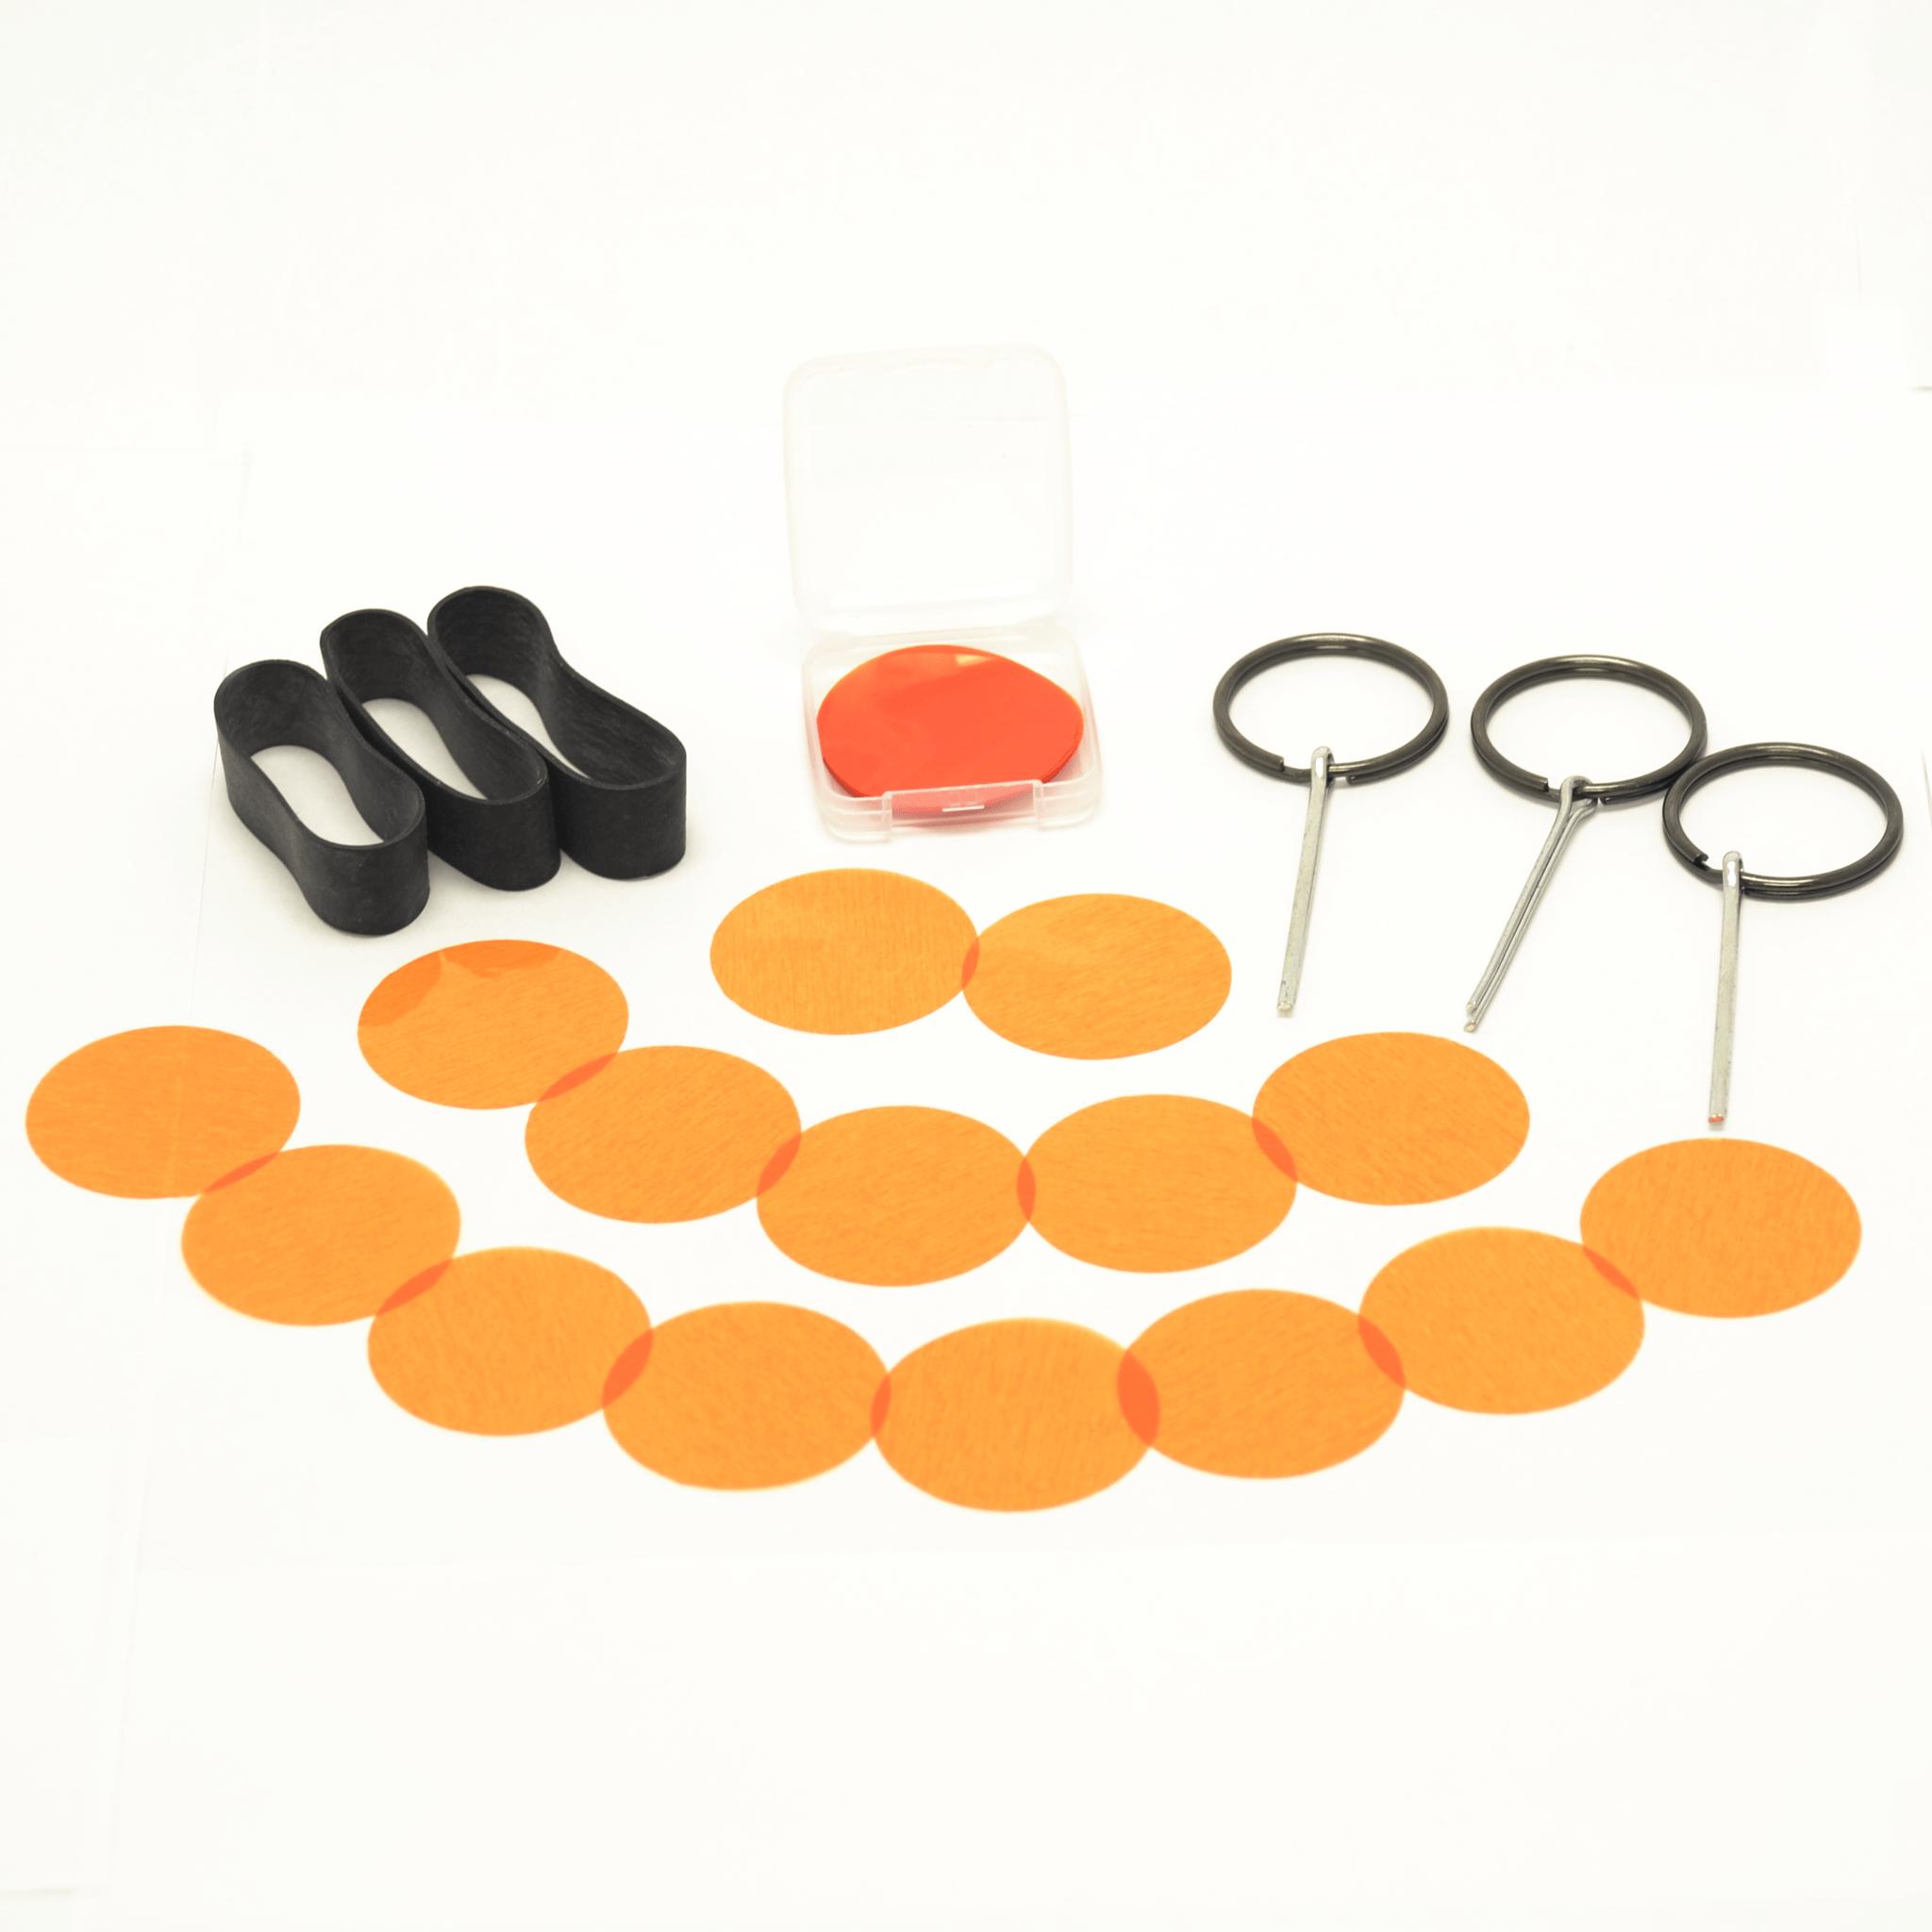 XL Burst Resupply Kit product image